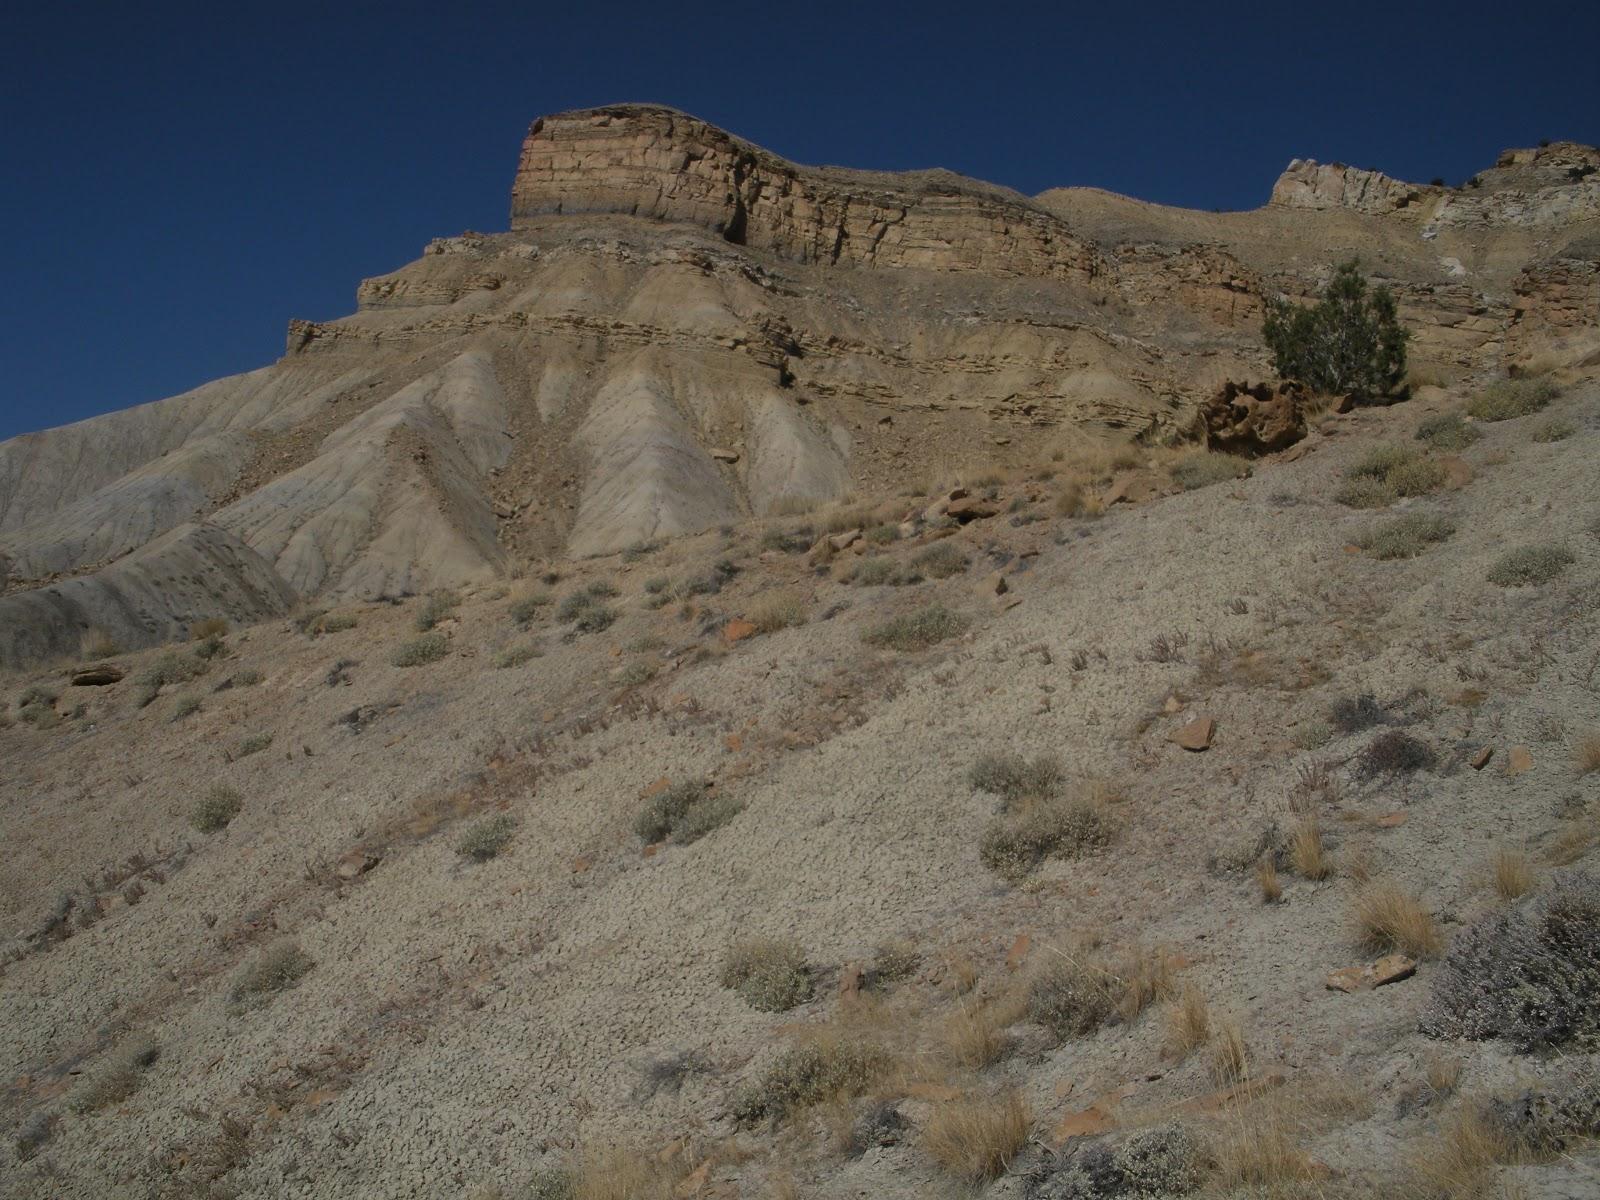 Book Cliffs Geology Book Cliffs Near Grand